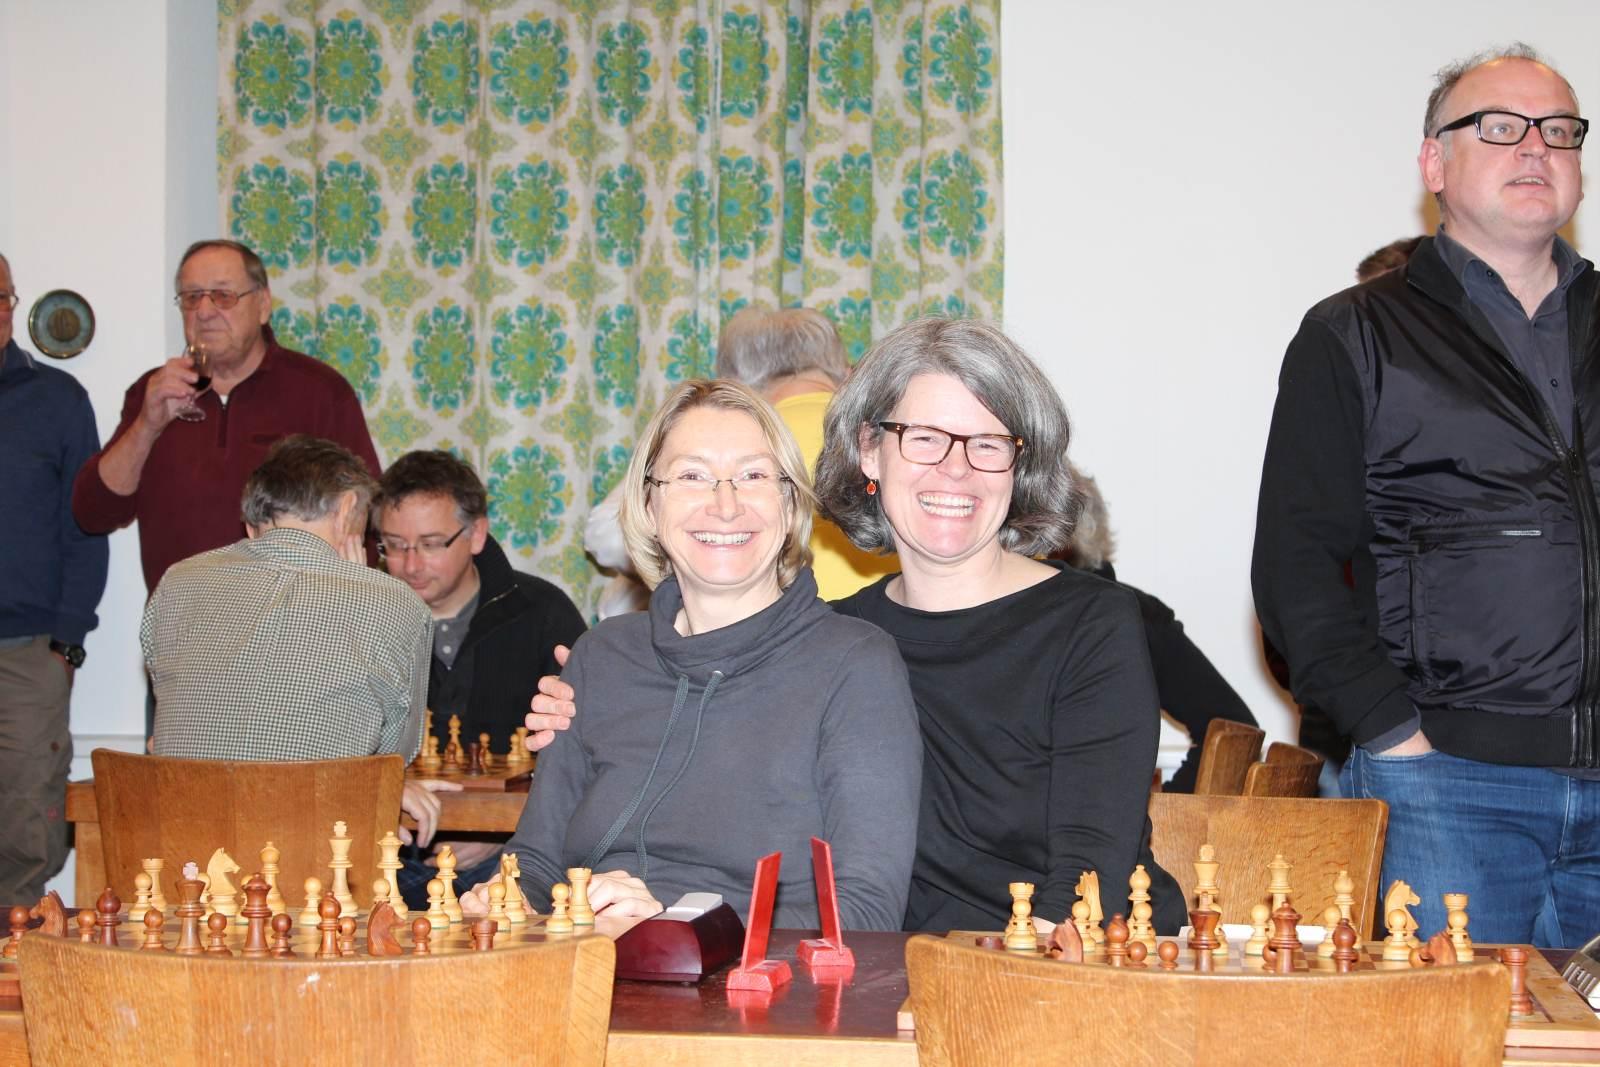 Das frau beim Schach viel Humor haben muss, wissen wir beide schon lange. Uns macht es einfach Spaß, selbst auf den hinteren Plätzen.